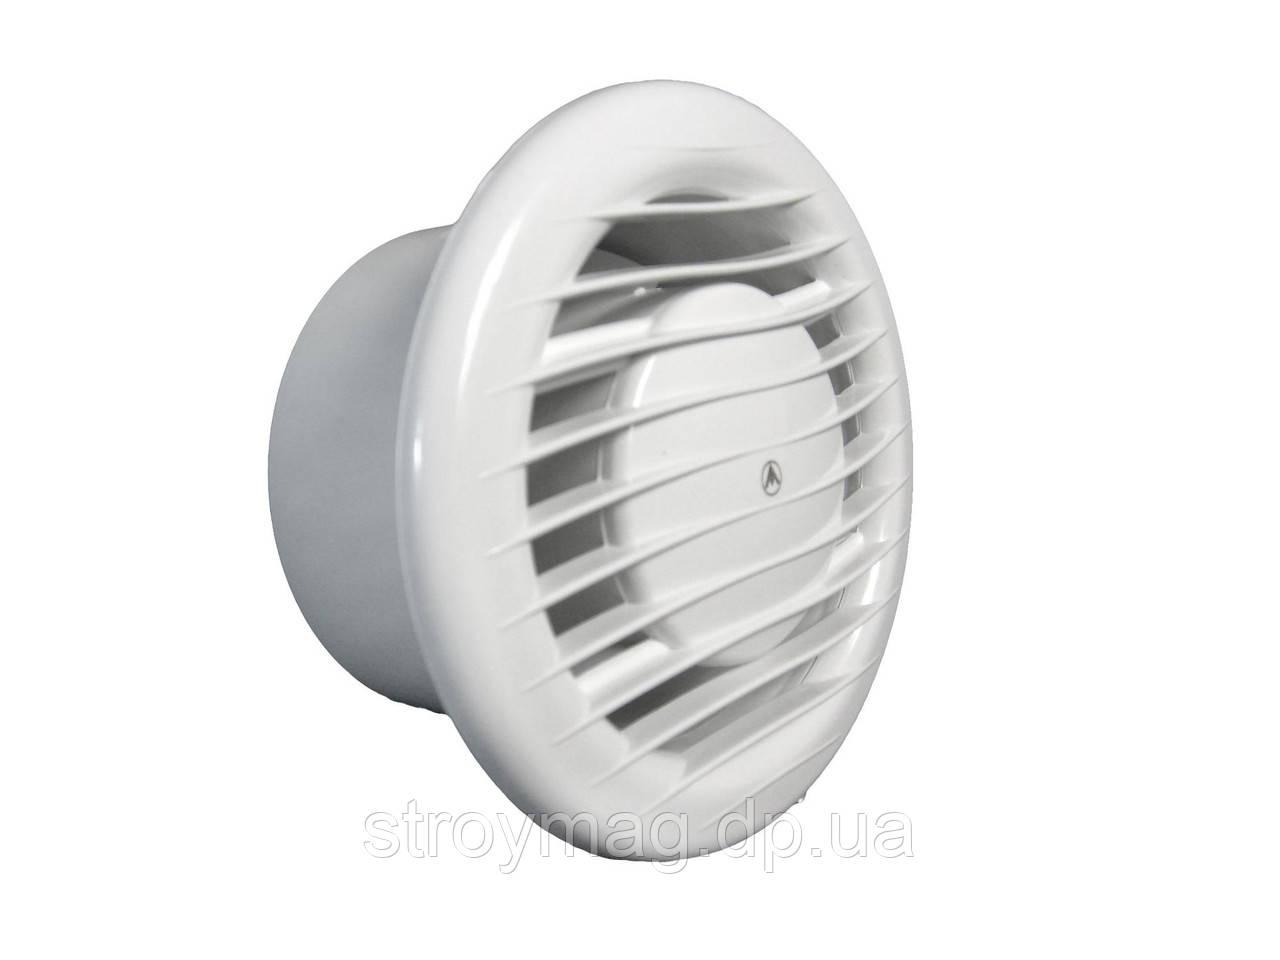 Вентилятор на стелю Dospel NV 10 100 (007-0438)